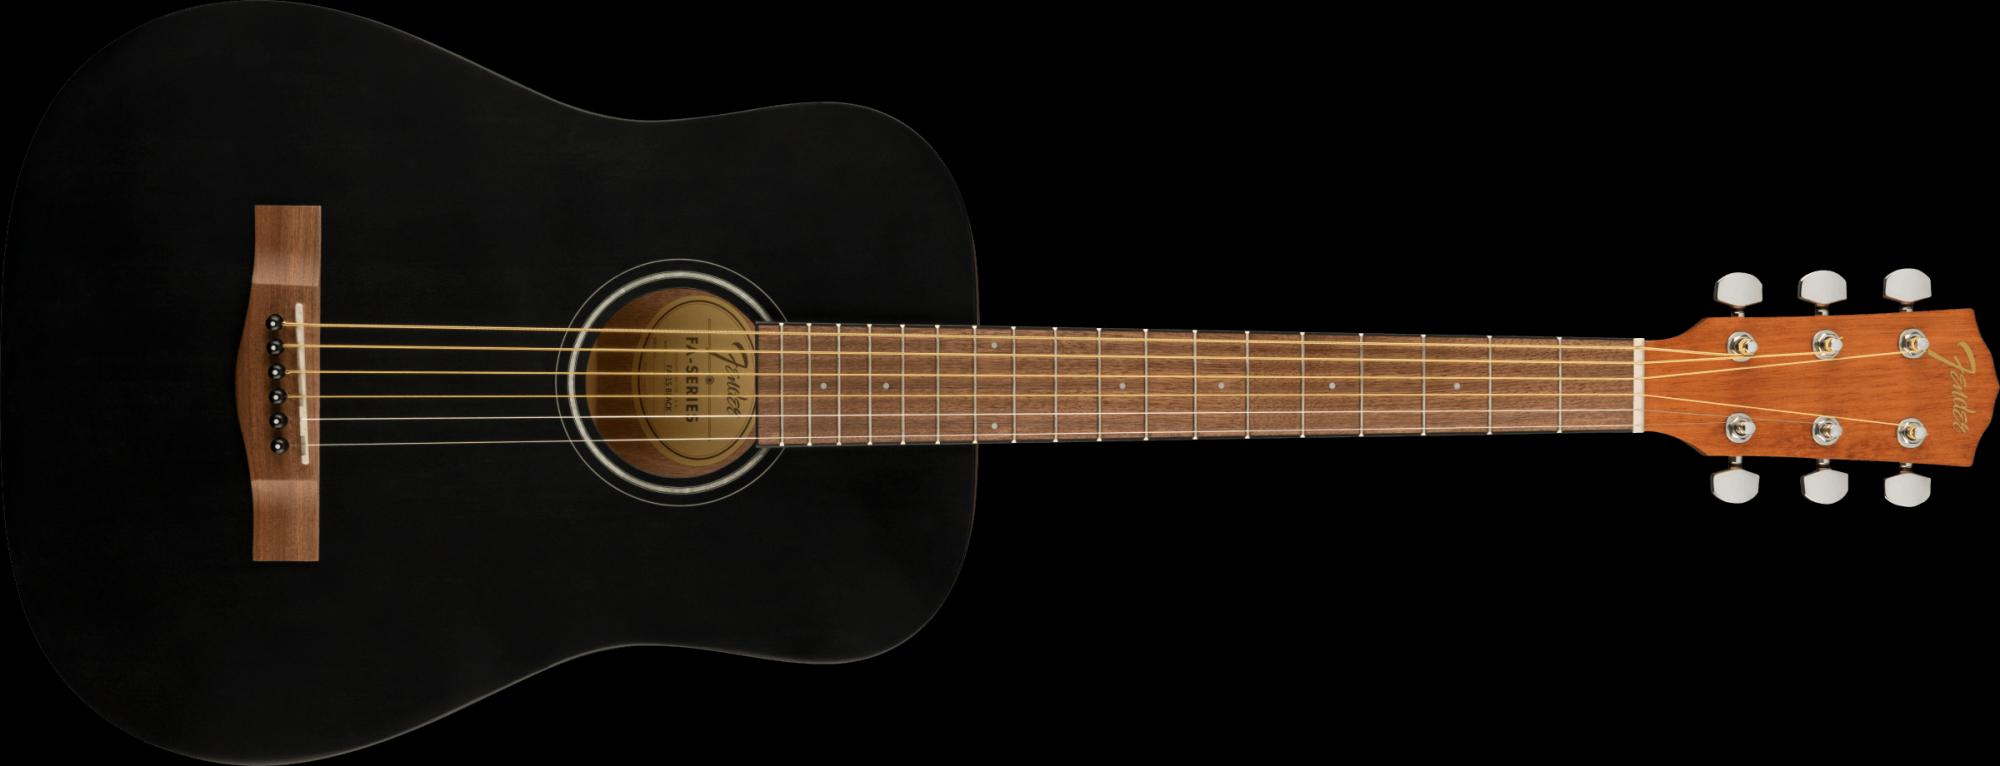 Fender FA-15 3/4 Scale Steel String w/ Gig Bag